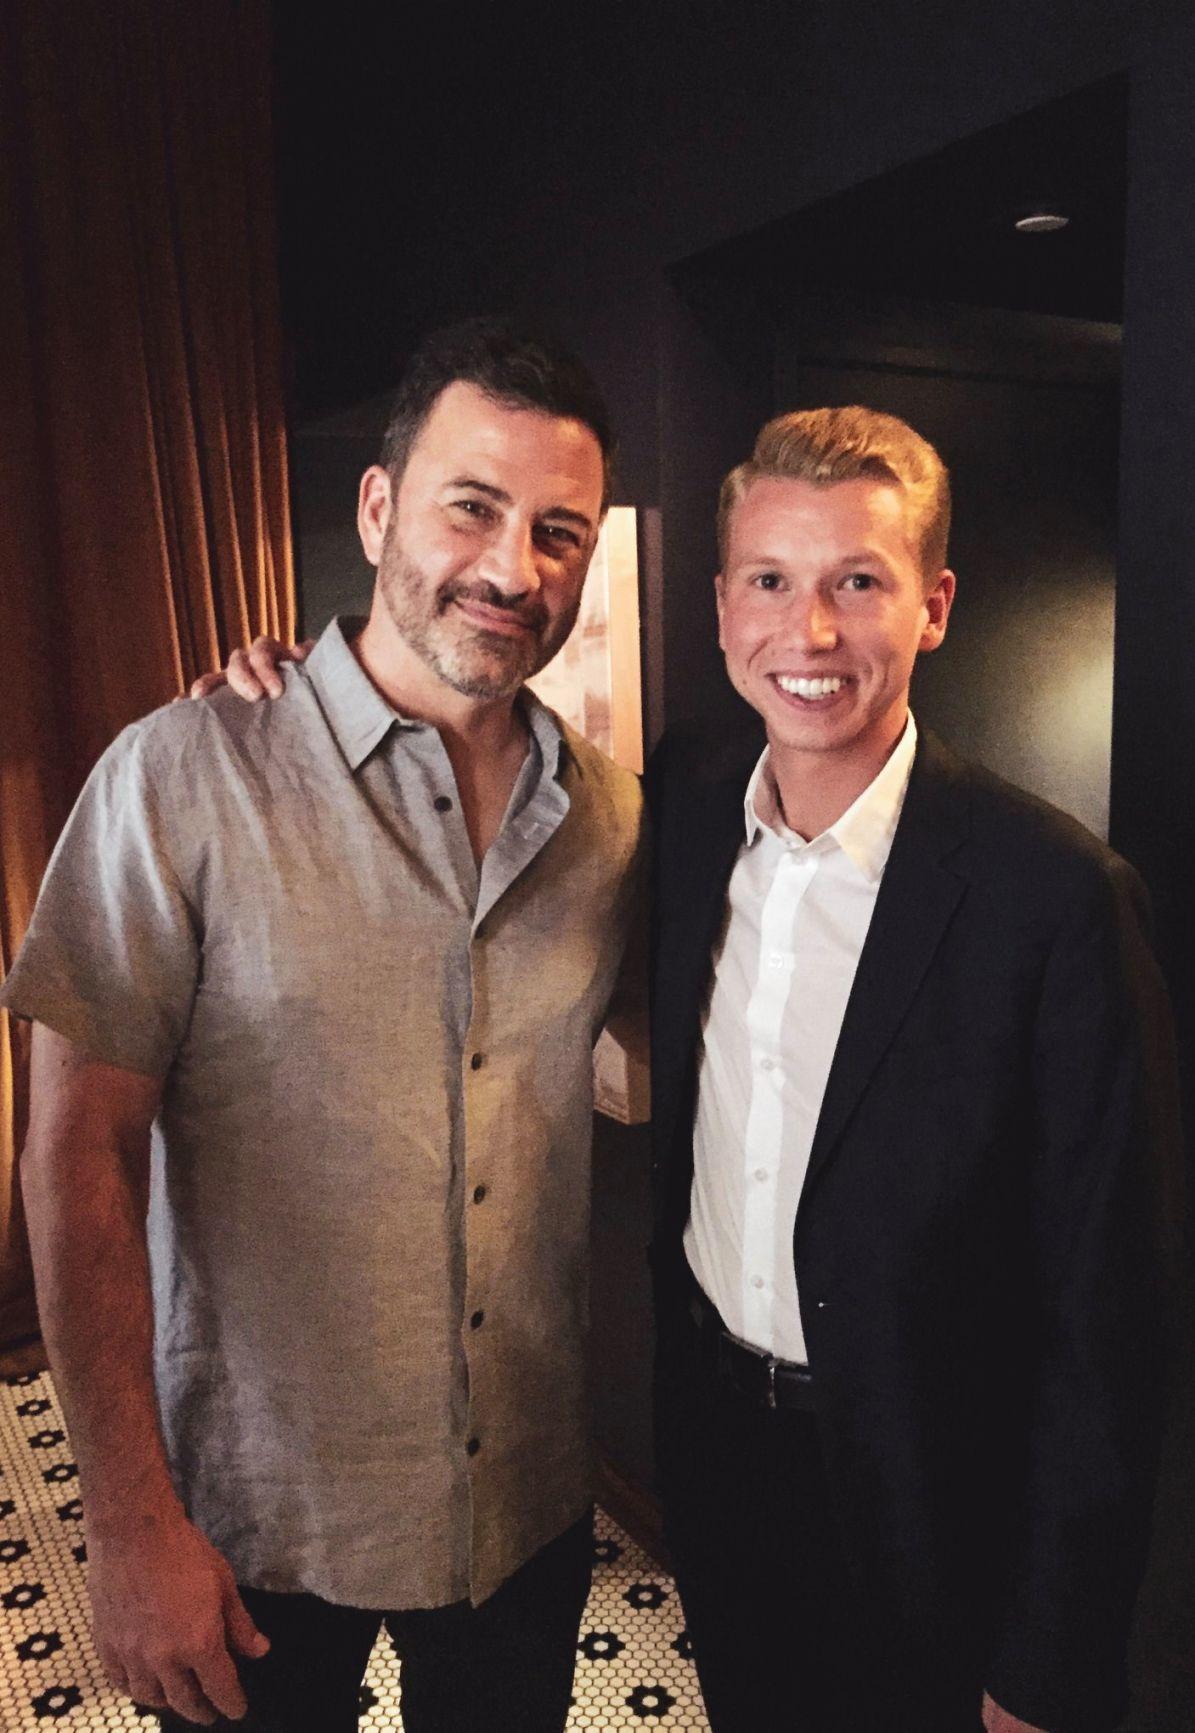 Jimmy Kimmel and Jonathon Kane